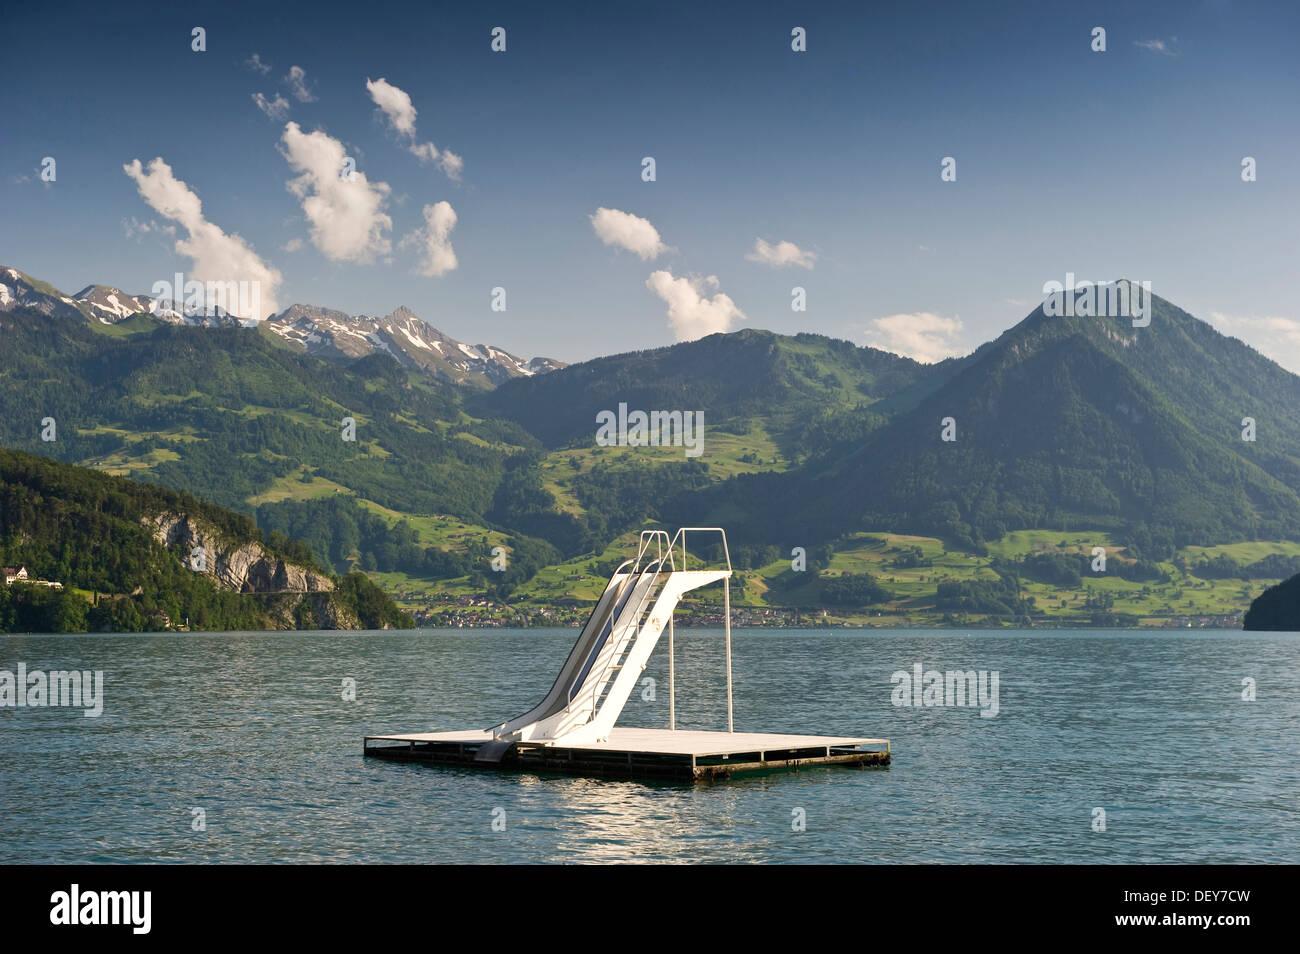 Water slide, Vitznau, Lake Lucerne, Canton of Lucerne, Switzerland, Europe - Stock Image